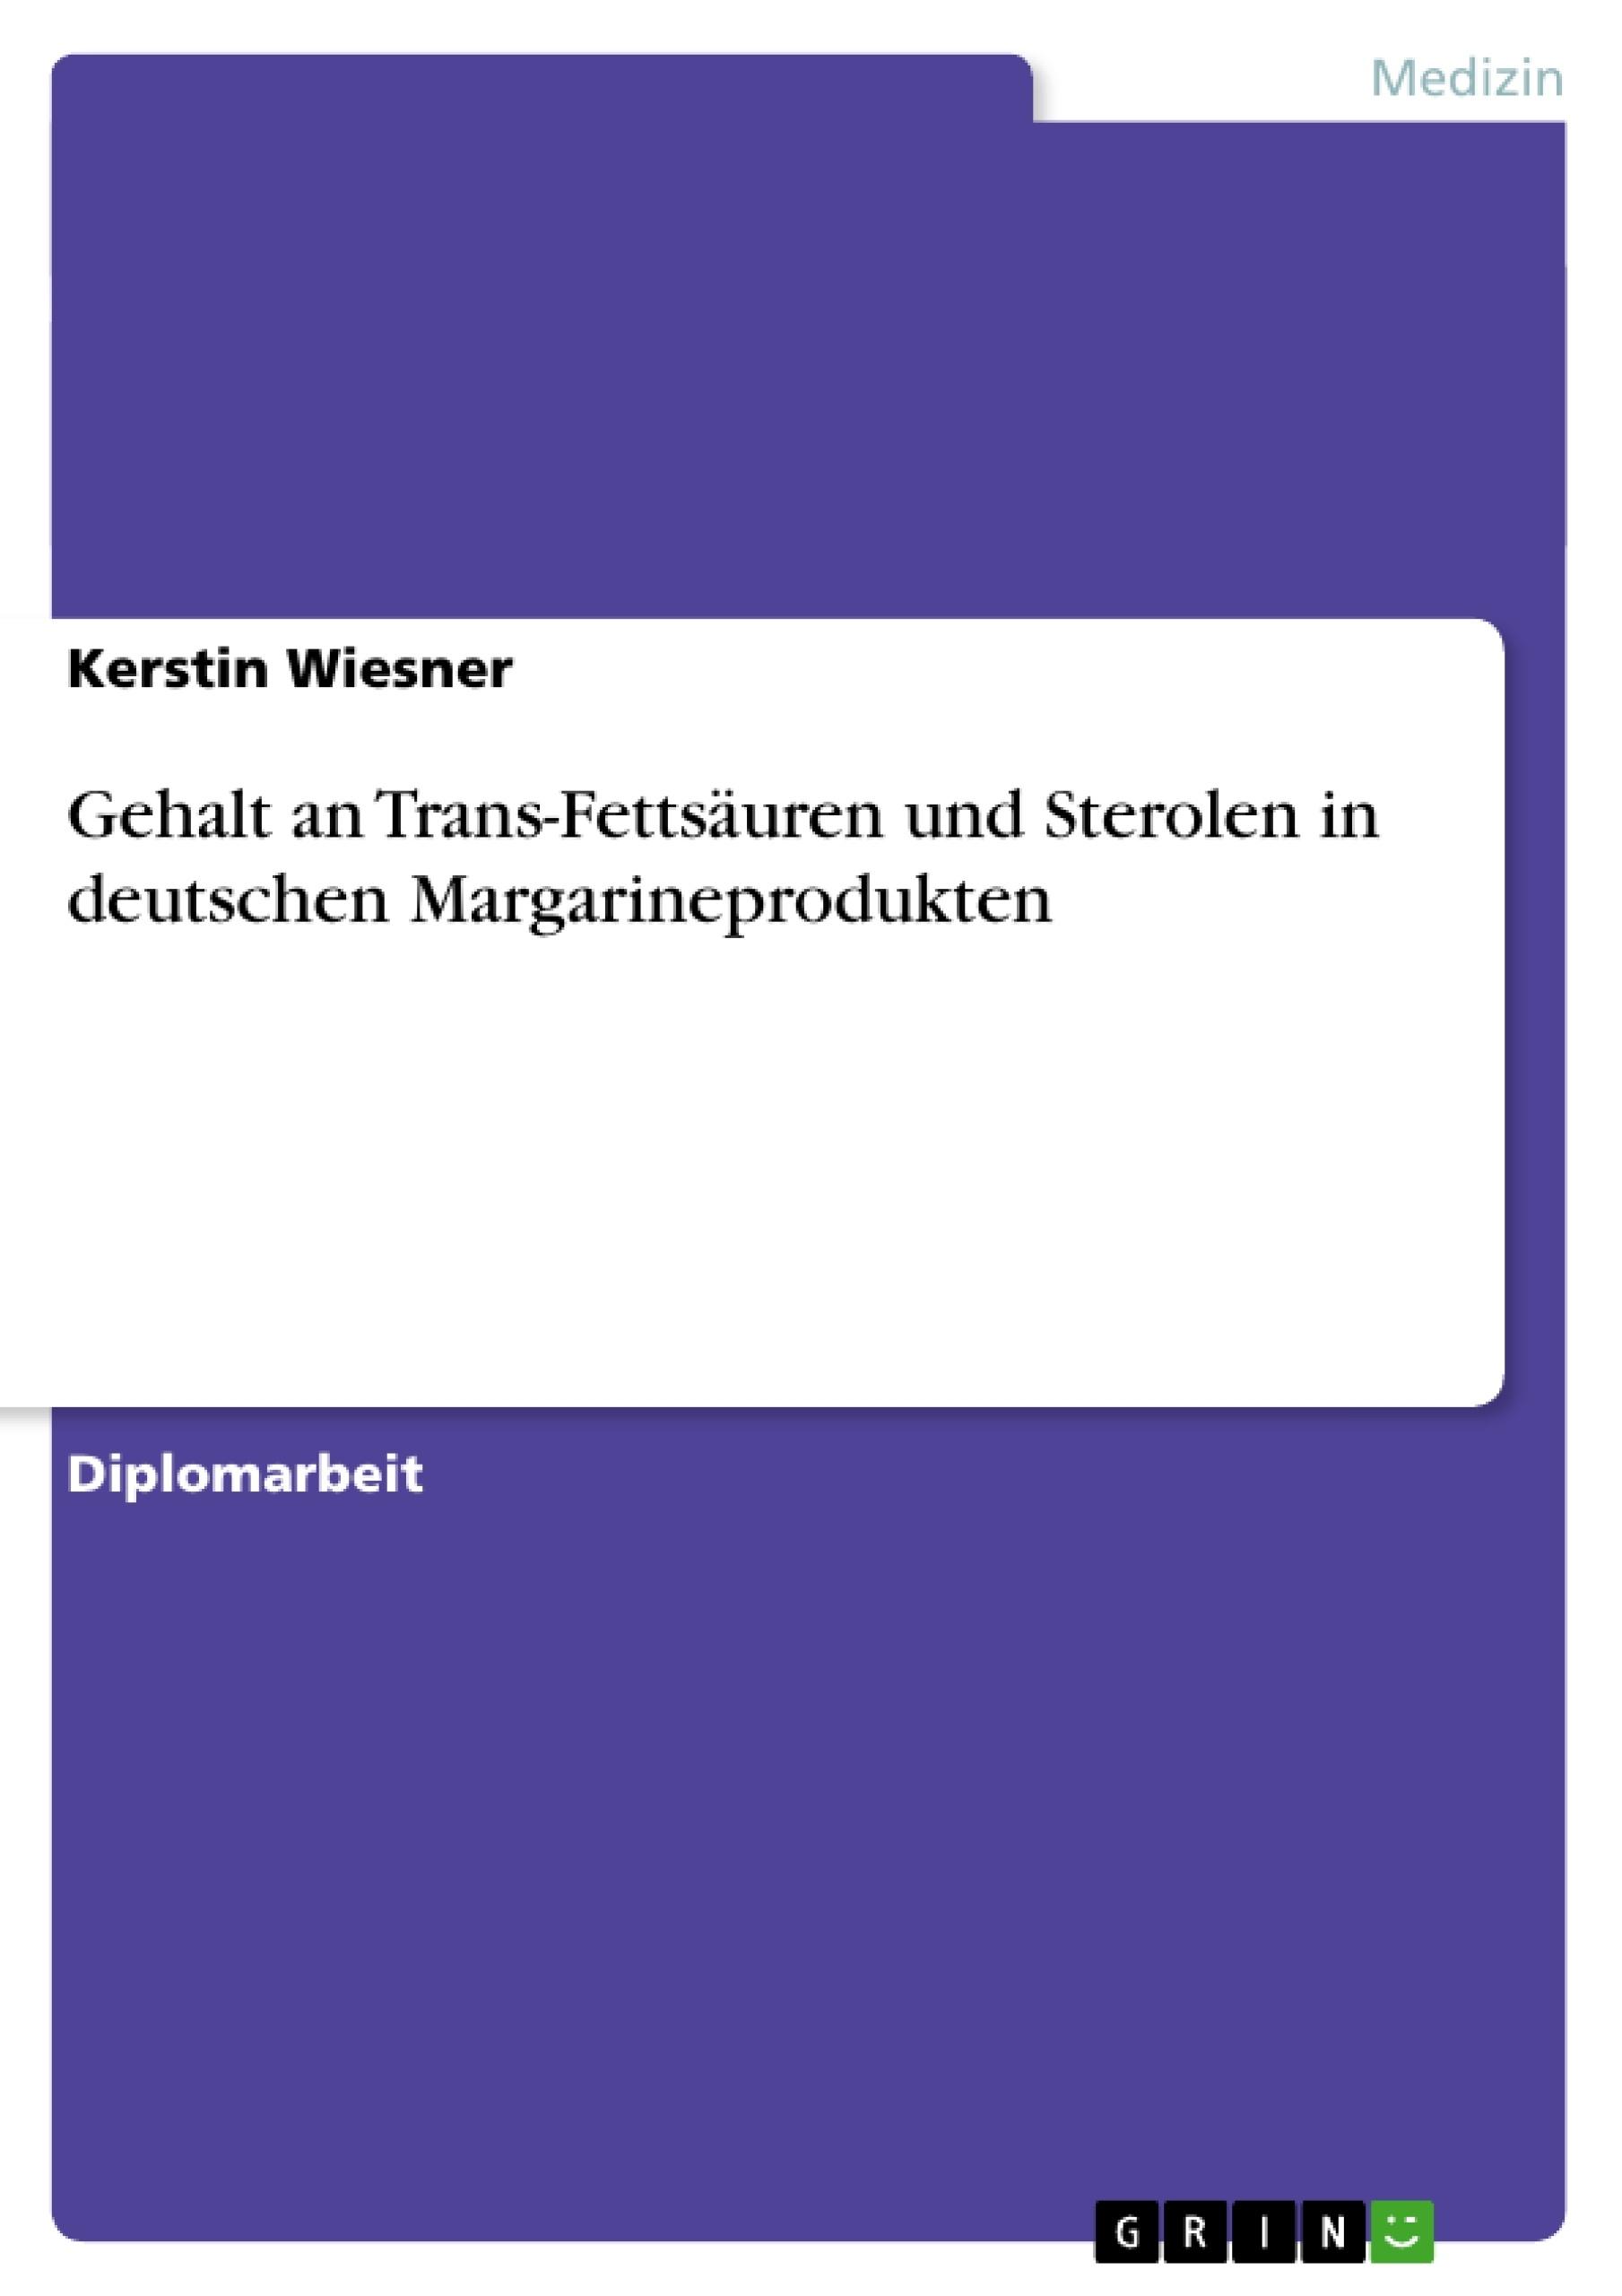 Titel: Gehalt an Trans-Fettsäuren und Sterolen in deutschen Margarineprodukten